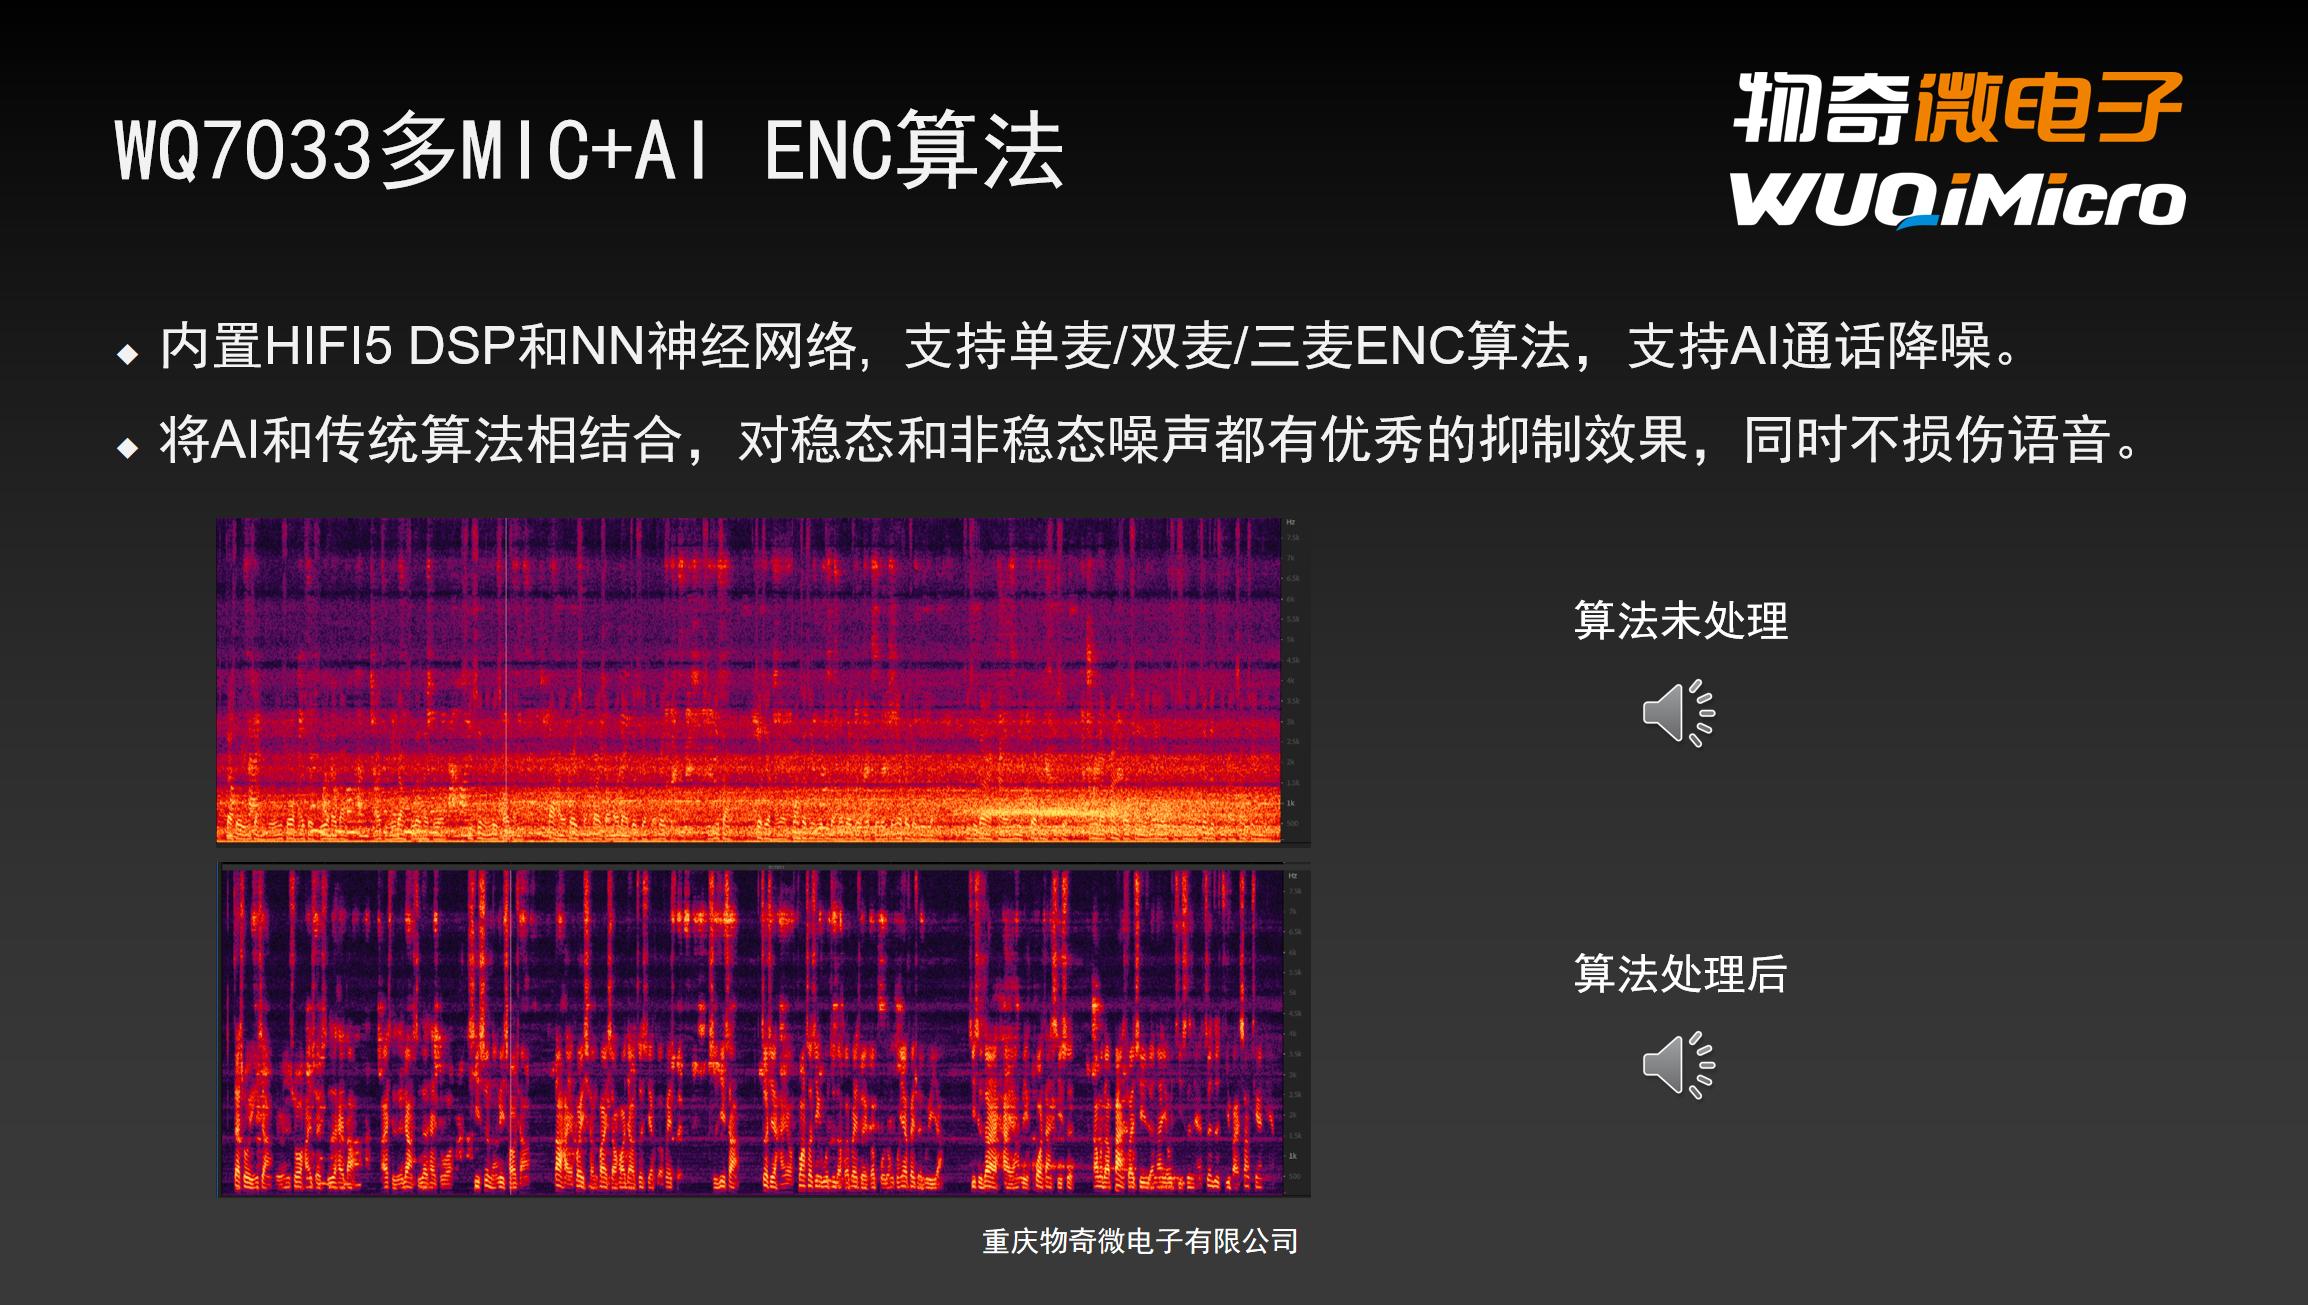 物奇推出Hybrid ANC+ENC TWS解决方案,助力客户高效量产真降噪耳机-我爱音频网